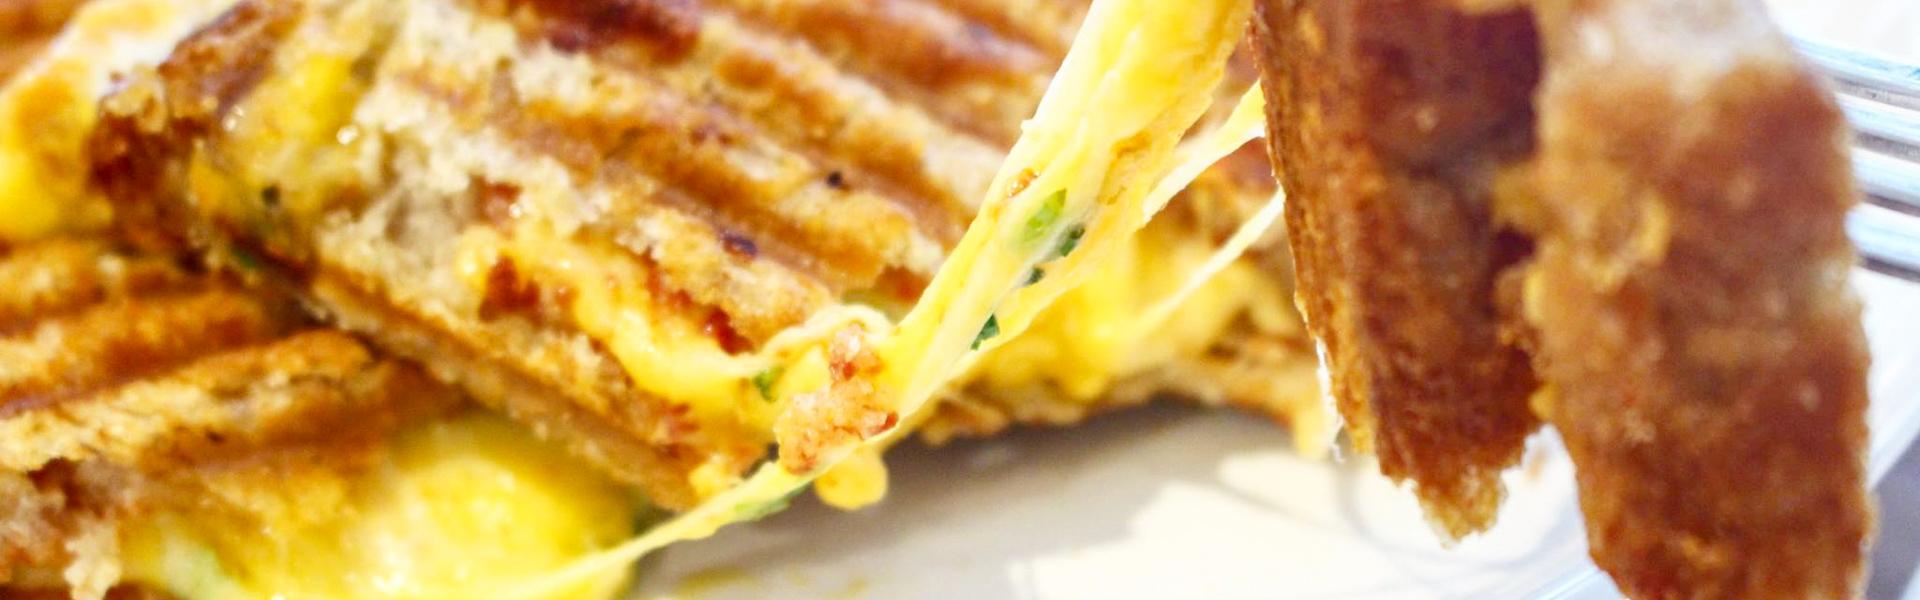 [ 中山站、雙連站美食 ] Miss V bakery cafe~新址不只有好吃肉桂捲,現在還有開胃又美味的鹹派跟三明治